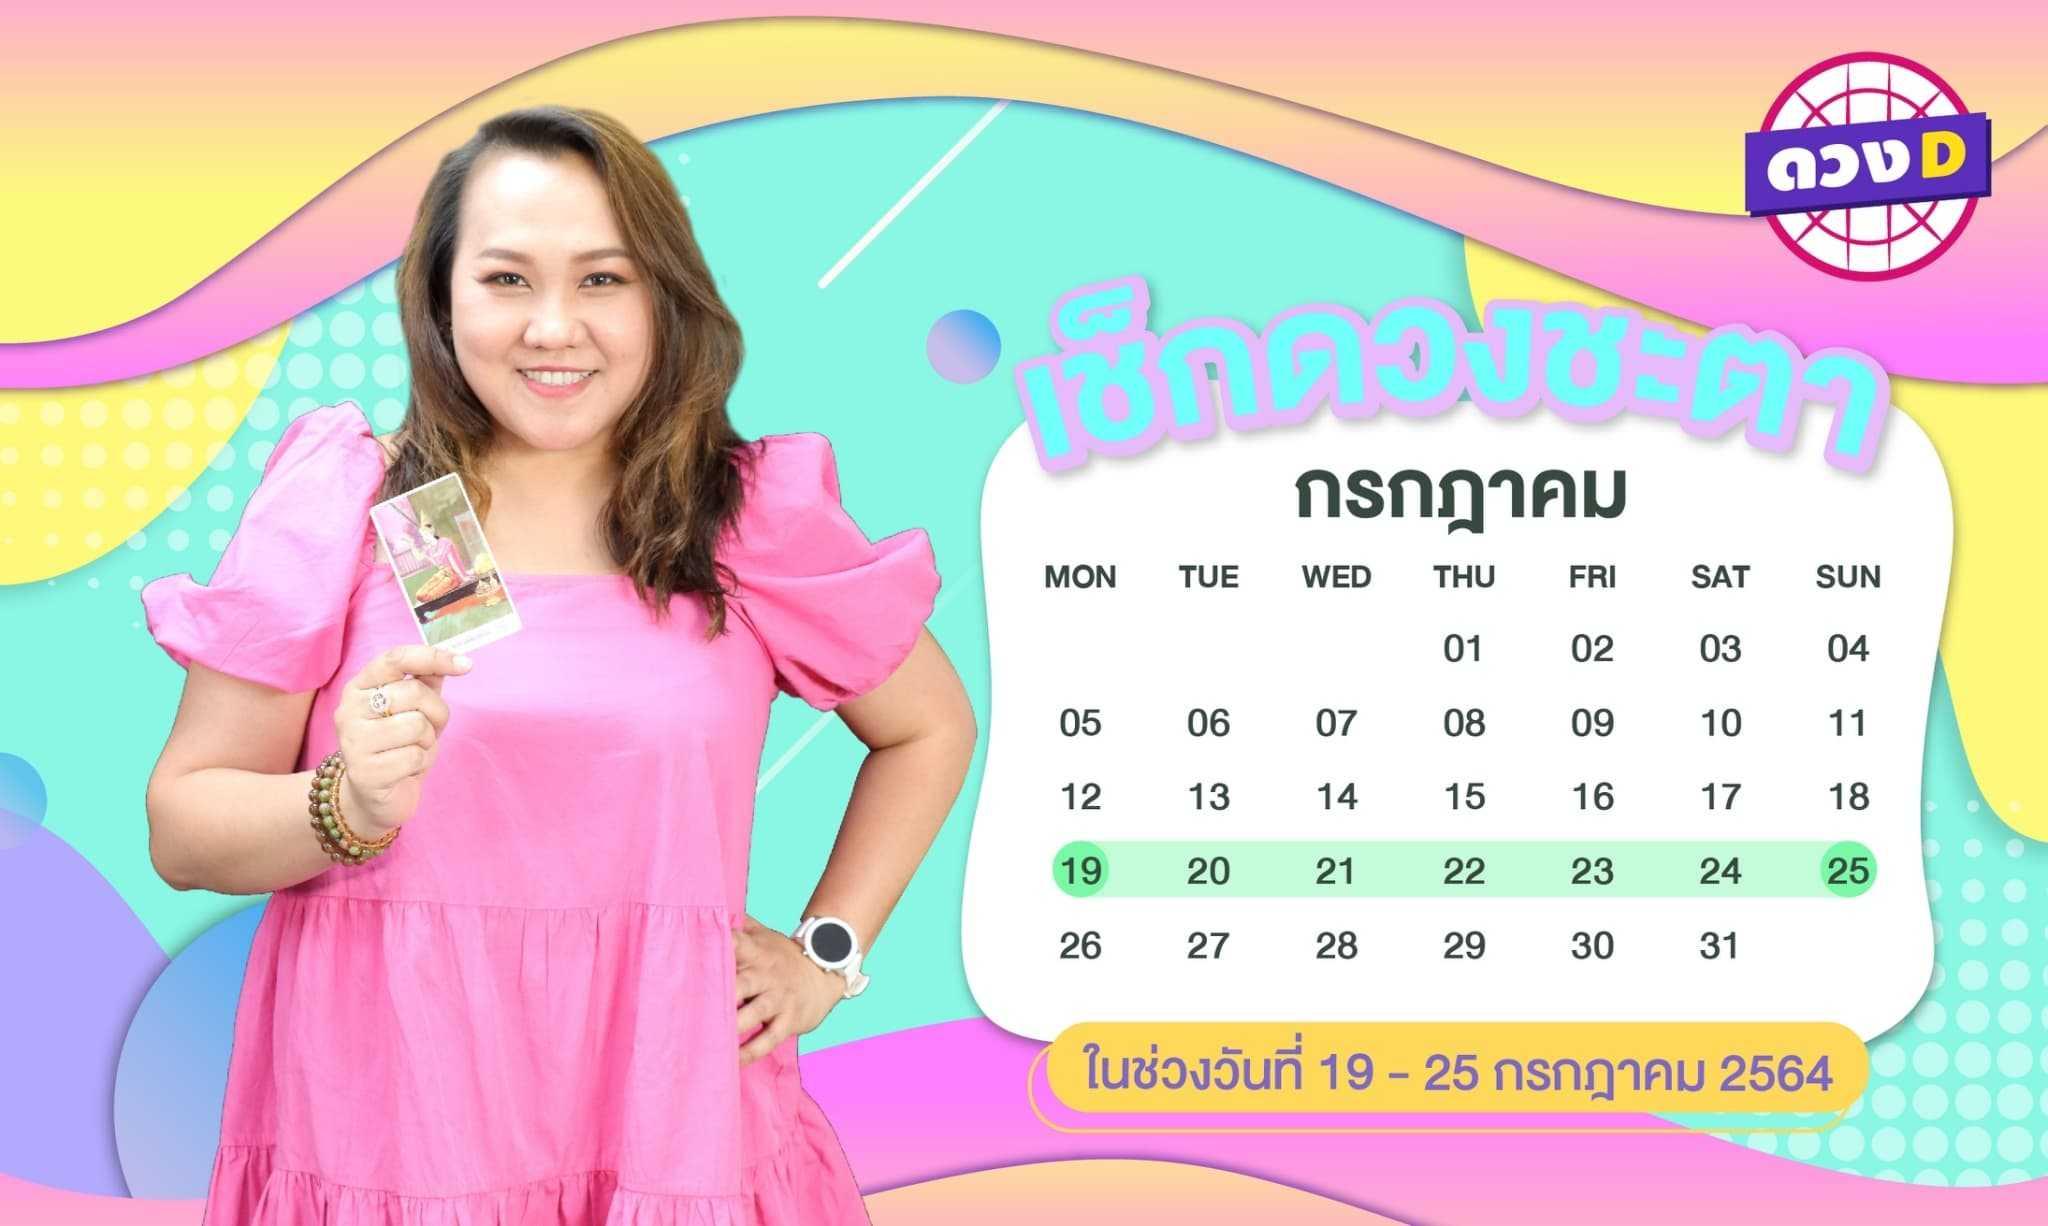 มาแล้วแม่ !! ดวงประจำสัปดาห์ ประจำวันที่ 19 - 25 กรกฎาคม 2564  จาก หมอแก้ว แม่นชัวร์ !